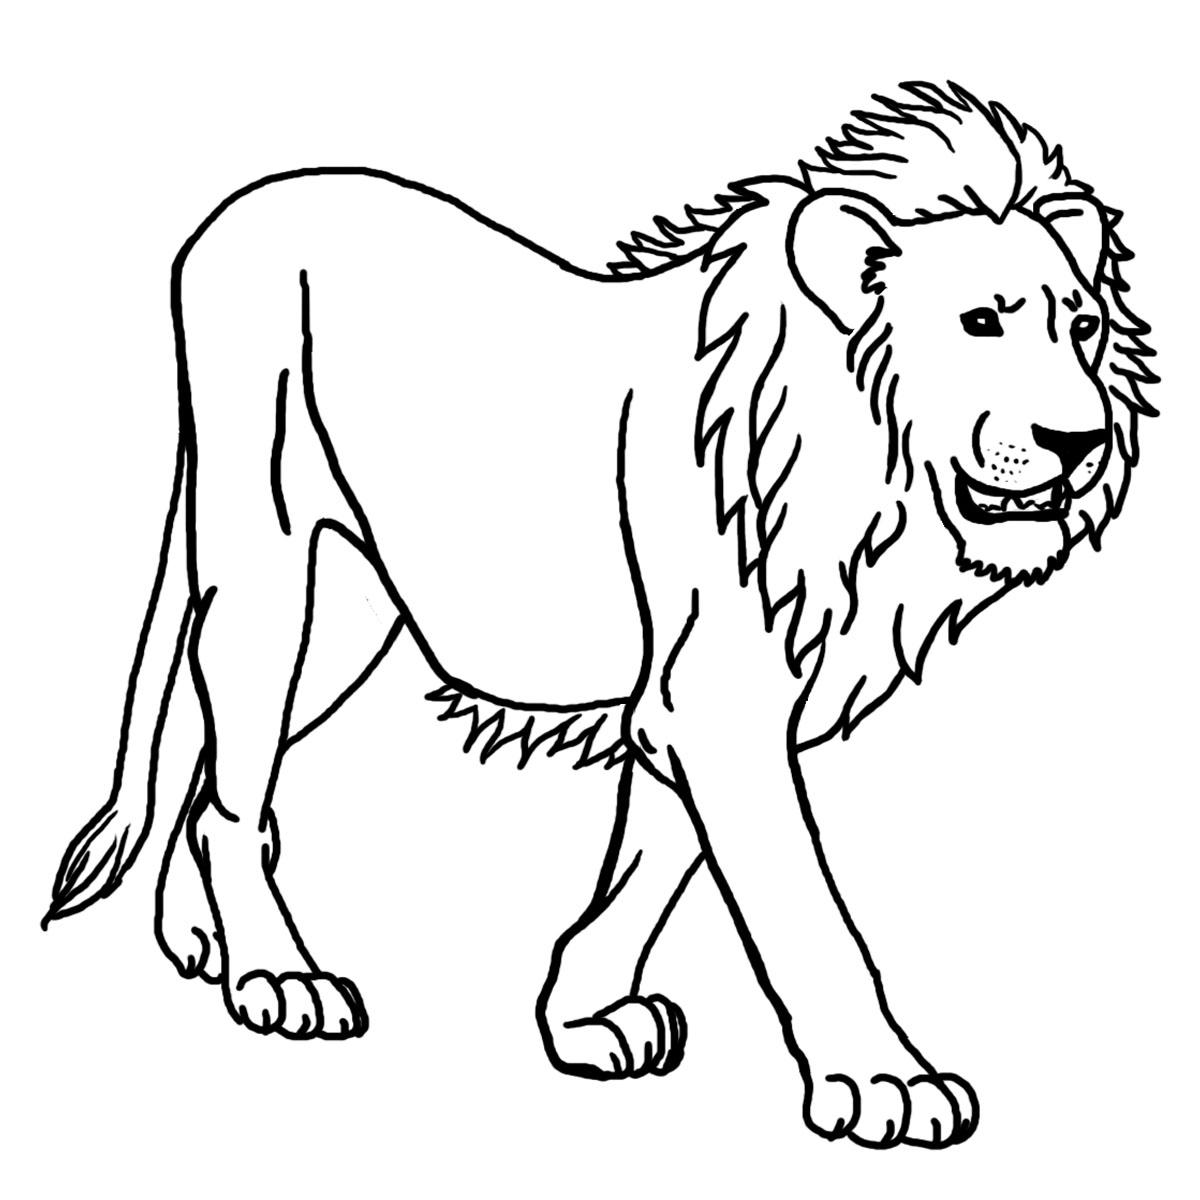 Картинка льва для детей распечатать